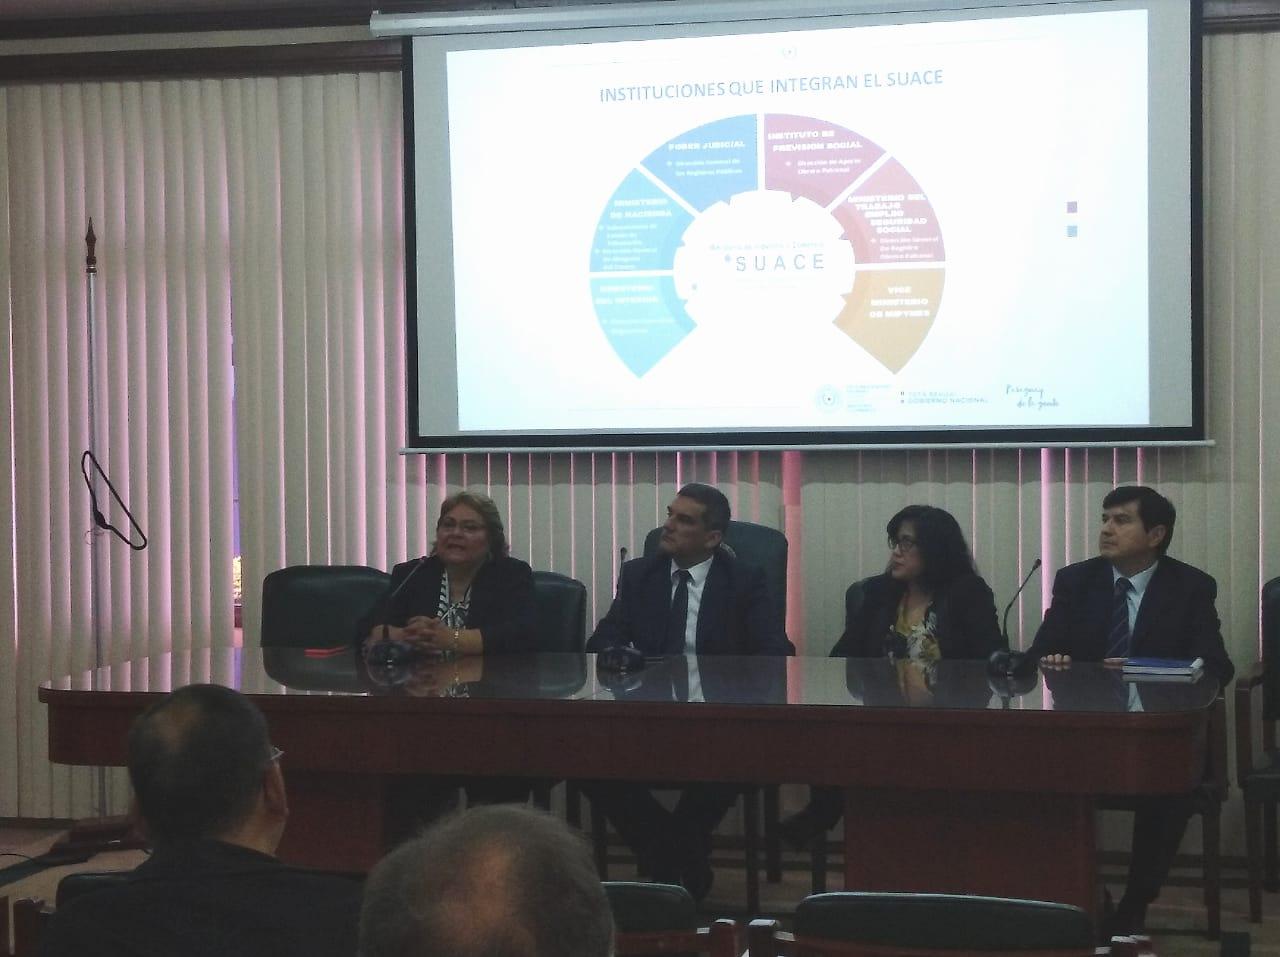 Charla a inversionistas brasileros en la expo 2019 - MRA